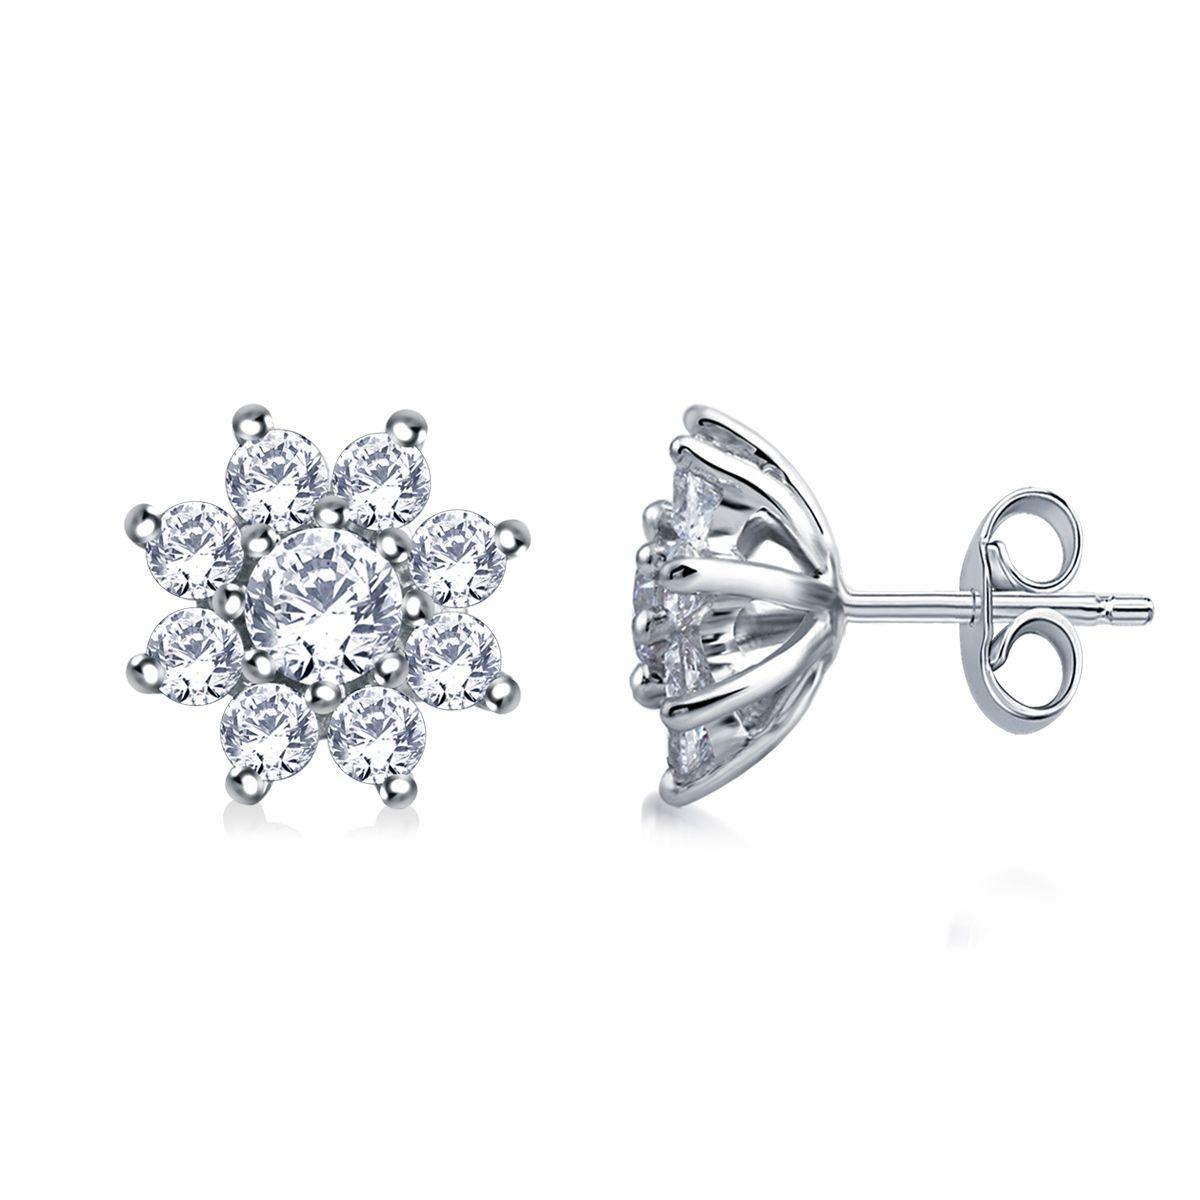 Round Diamond Flower Stud Earrings In 14k White Gold 1 3 4 Cttw Center 0 55cttw 2 Diamonds Halo 1 15 Cttw 1 Flower Earrings Studs Stud Earrings Earrings